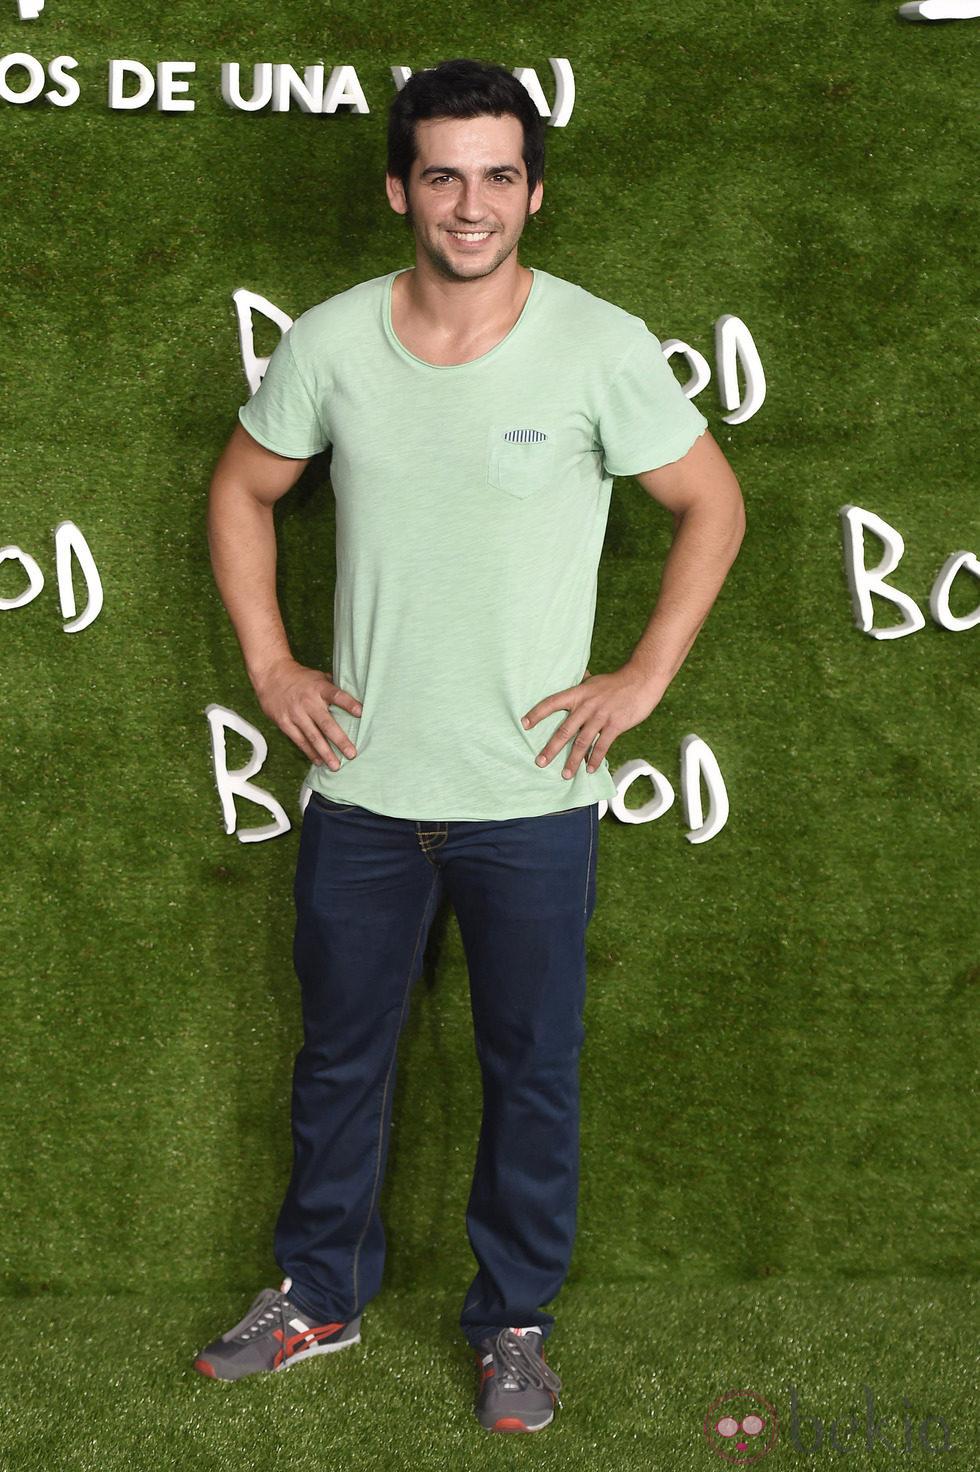 Fran Perea en el estreno de 'Boyhood (Momentos de una vida)' en Madrid